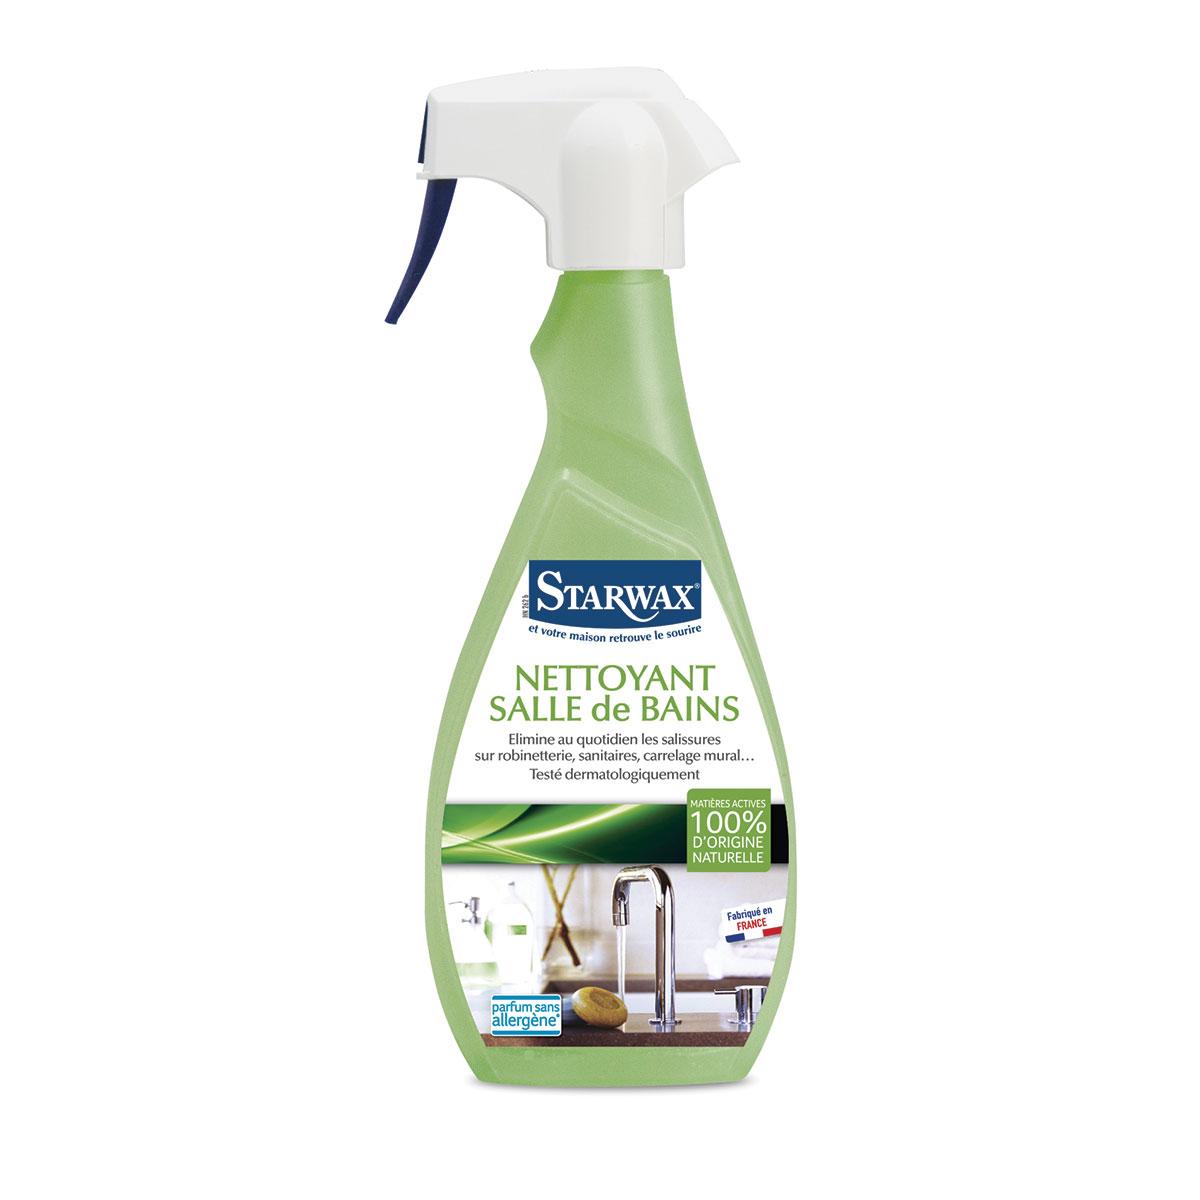 Nettoyant pour salle de bains avec mati res actives 100 d for Produit pour salle de bain